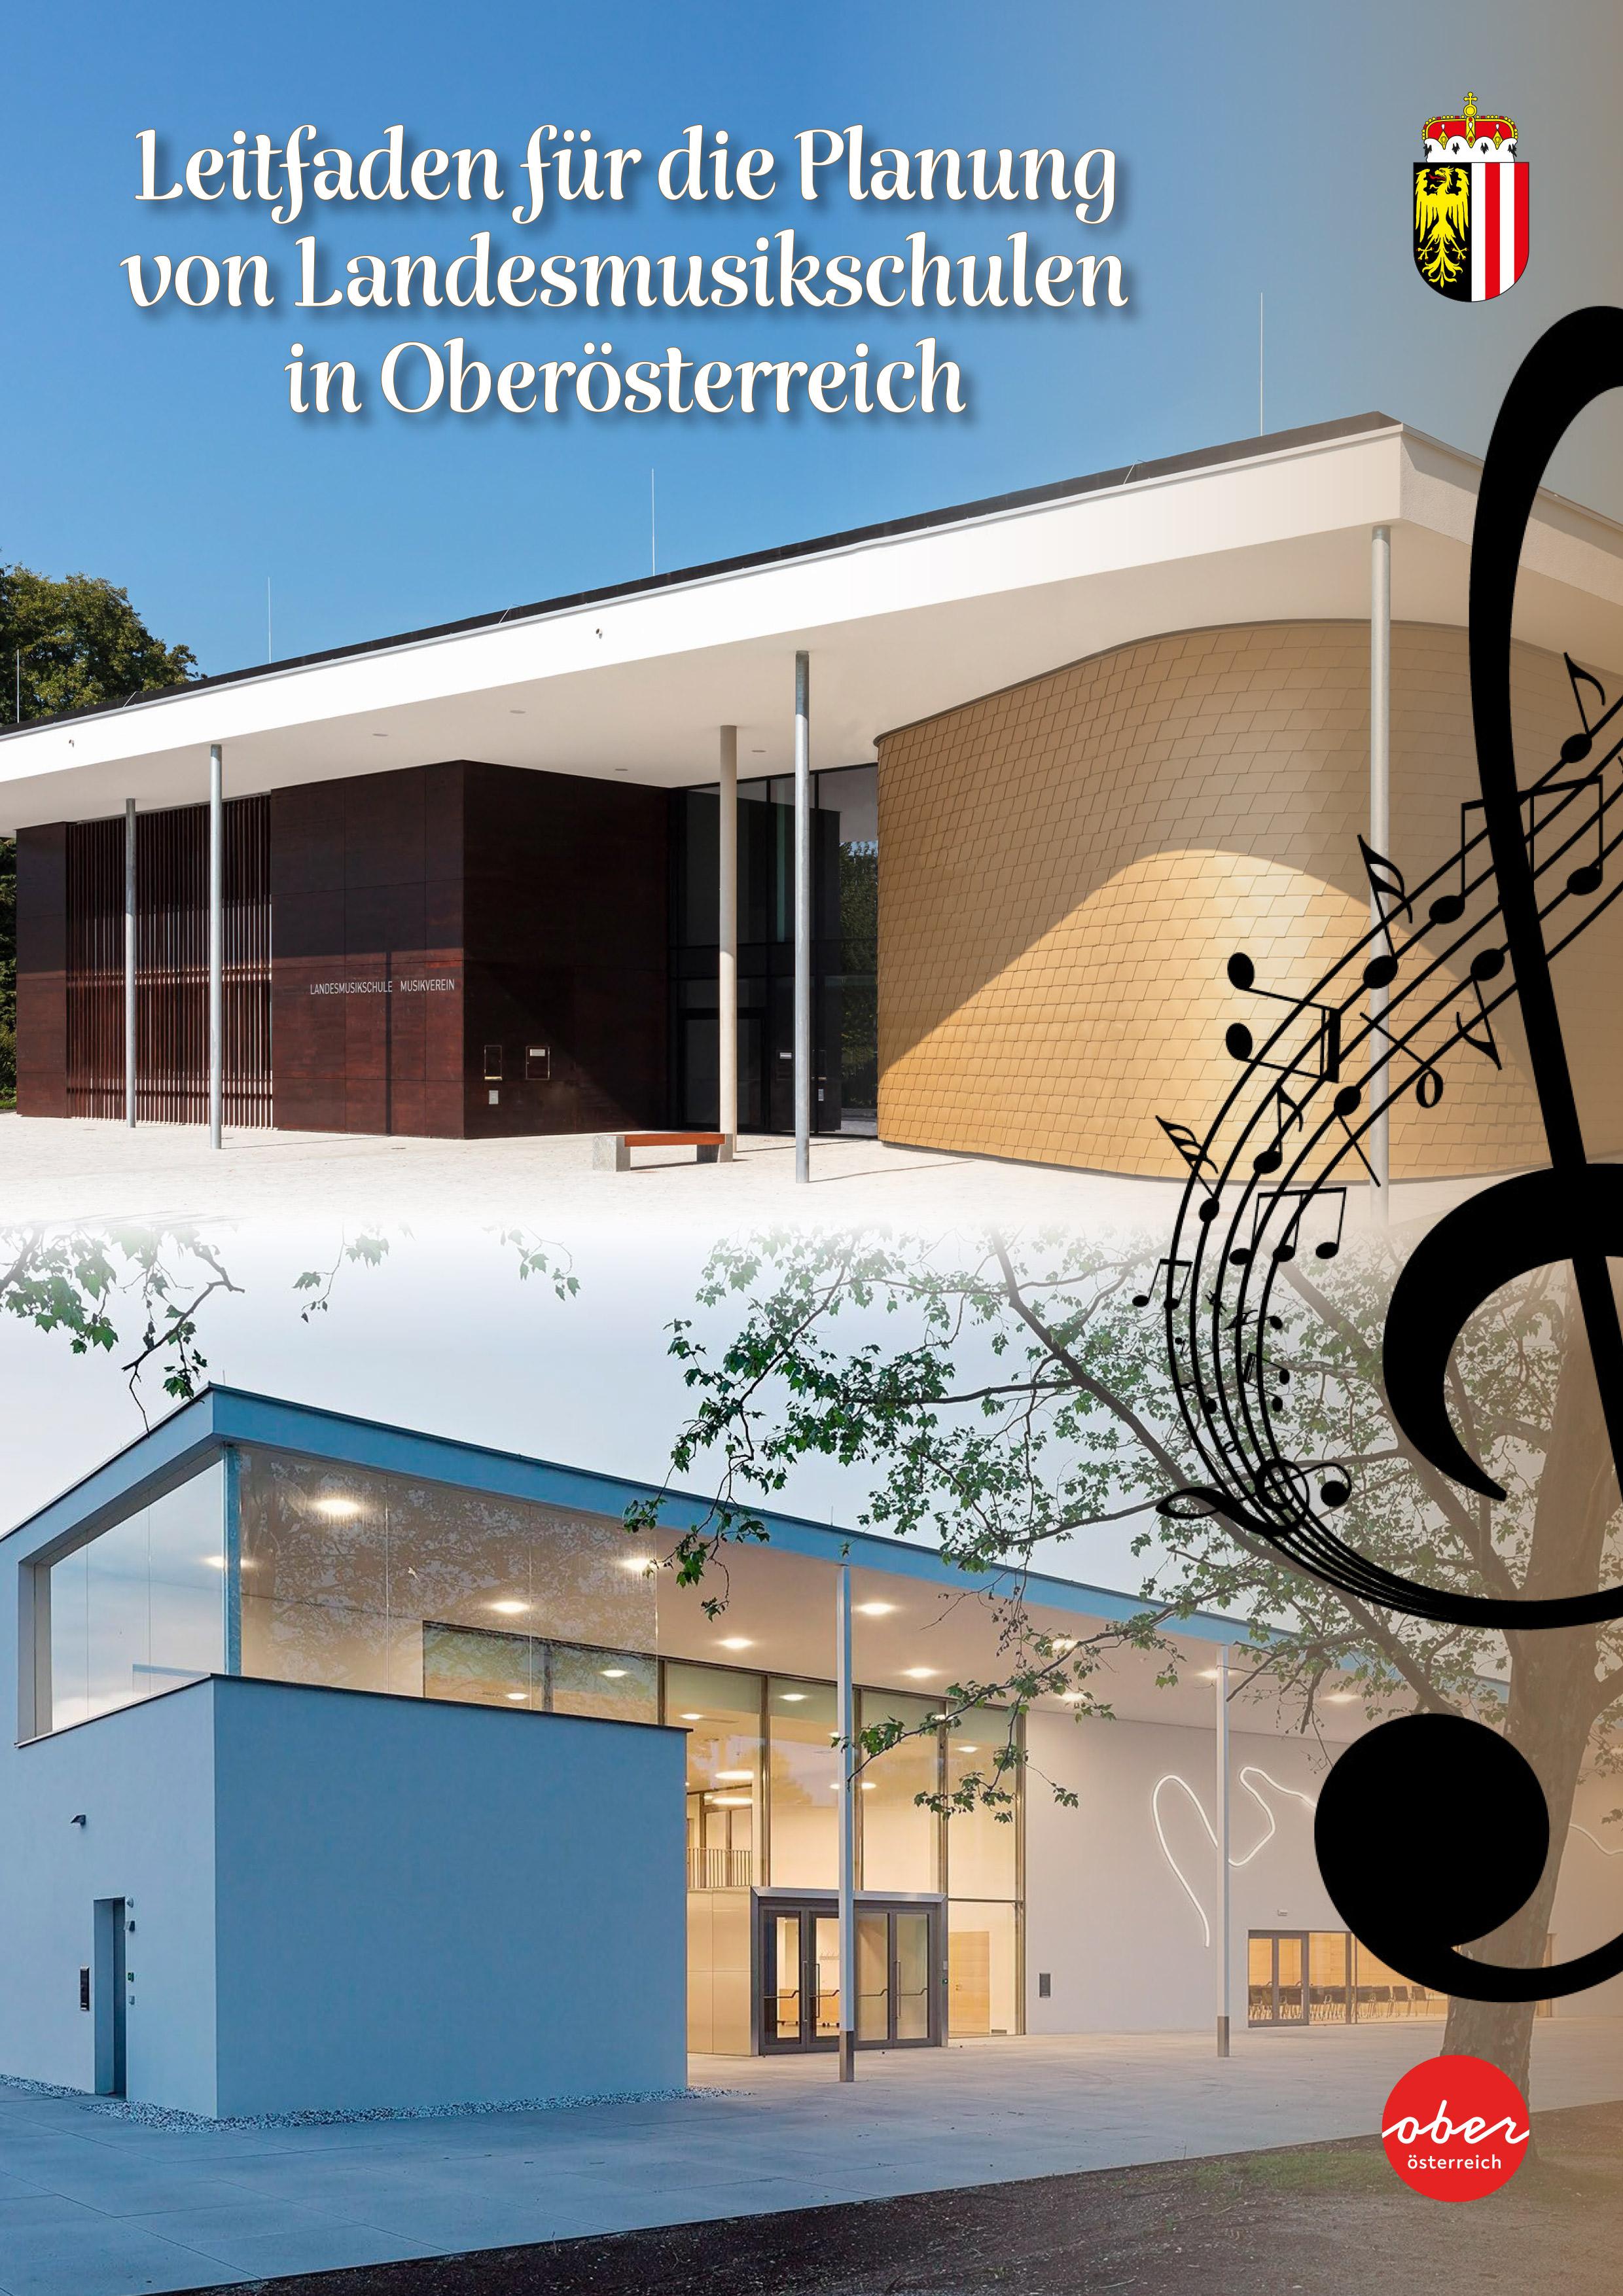 Leitfaden für die Planung von Landesmusikschulen in Oberösterreich